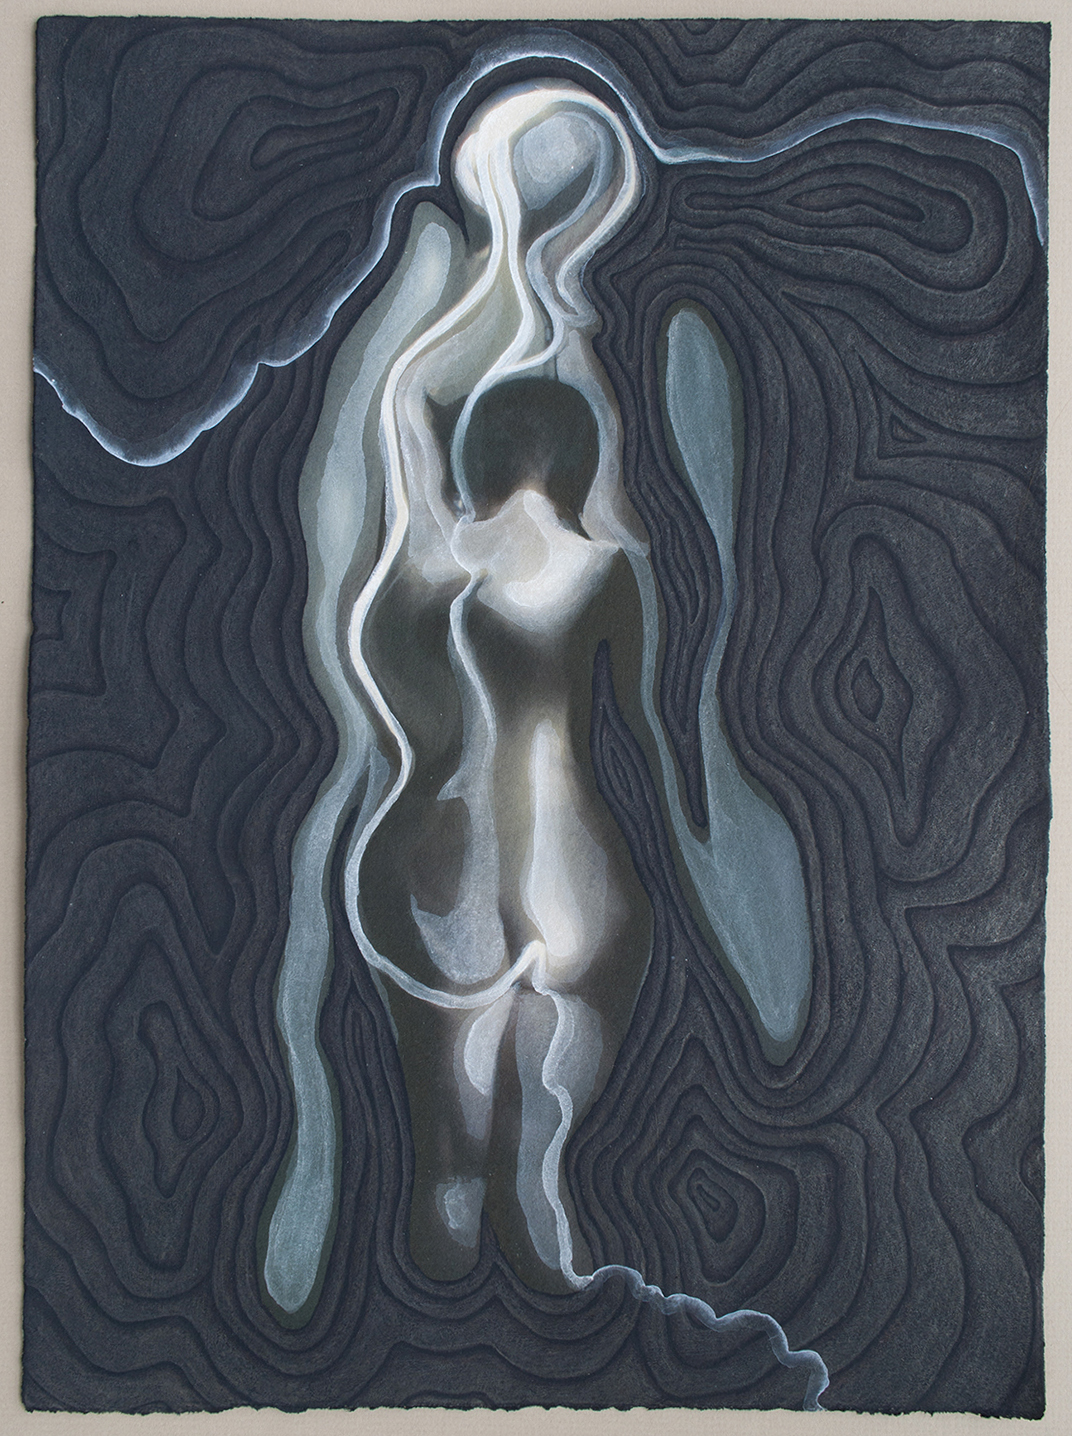 Illumination #9 (2013